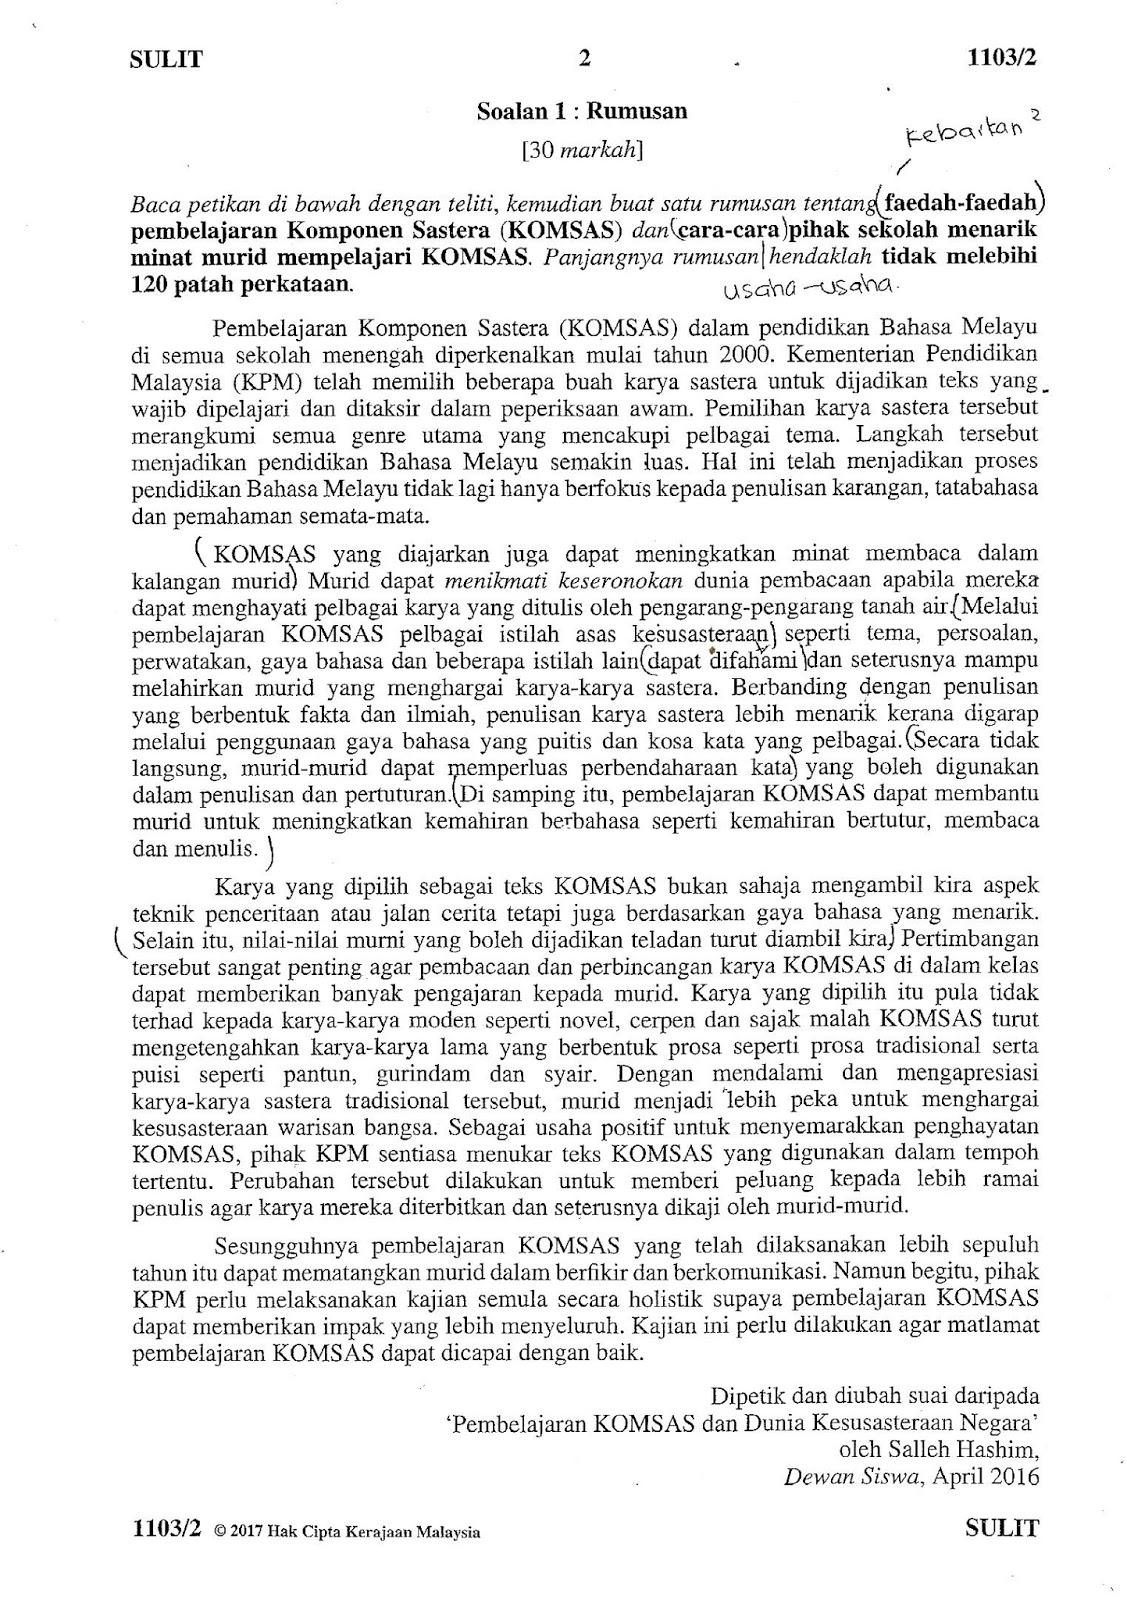 Laman Bahasa Melayu Spm Ulasan Dan Perbincangan Soalan Bahagian 1 Rumusan Teks Kertas Bm 2 Spm 2017